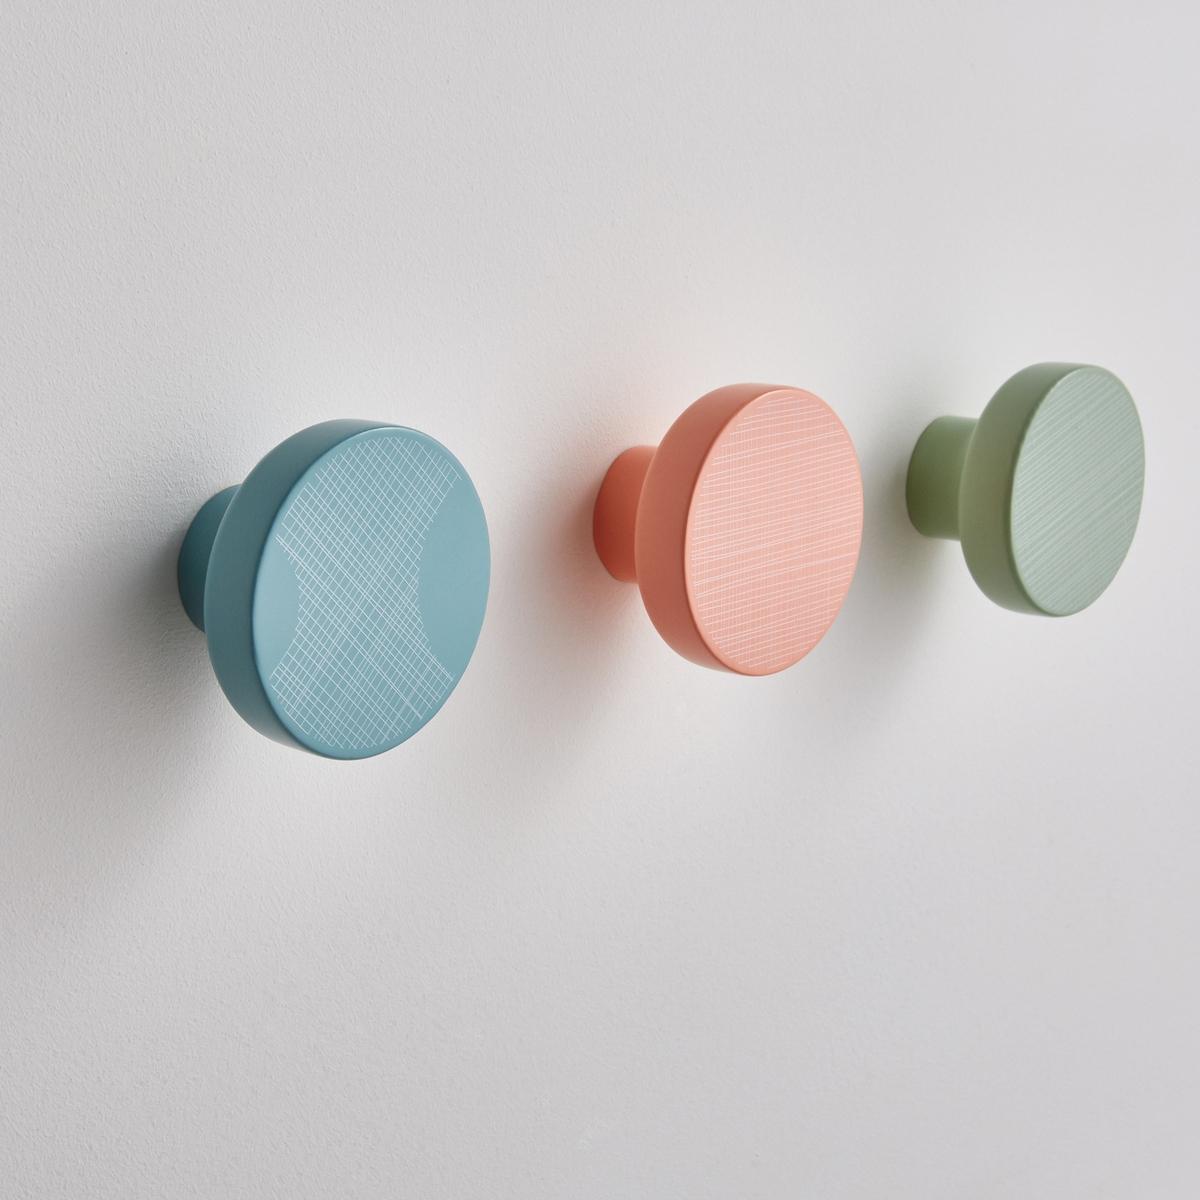 Комплект из 3 крючков EclipseКомплект из 3 настенных крючков Eclipse от LZC : практичная декоративная отделка стен! Ателье LZC представляет собой дизайн-студию, основанную в 1998 году. Их стиль, вдохновленный природой и путешествиями,а также поэзией, следует тенденциям, сочетая в себе геометрические мотивы, тонкие линии и легкий налет ретро.. Сегодня  Ванесса Ламберт и Барбара Цорн  представляют  Вашему вниманию коллекцию Eclipse для  LA REDOUTE.Характеристики крючков Eclipse:- Сосна с отделкой полиуретановым лаком.- Настенное крепление.- Комплект из 3 крючков: розовый, светло-зеленый, голубой.- ?8 см x Г5 см.<br><br>Цвет: разноцветный